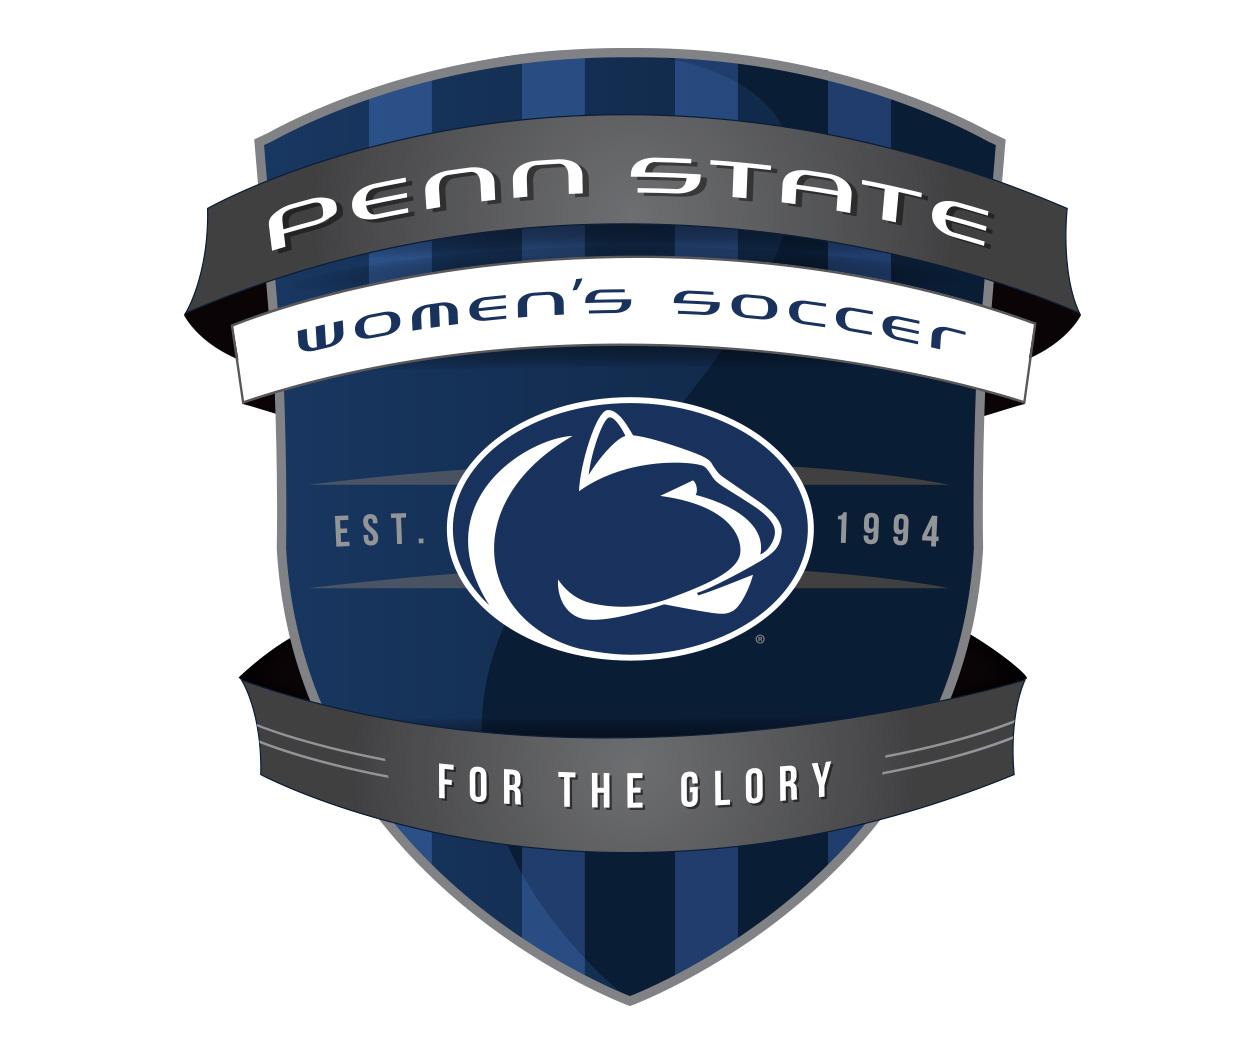 testimonial-for-the-custom-sports-logo-design-for-penn-state-womens-soccer-by-jordan-fretz.jpg